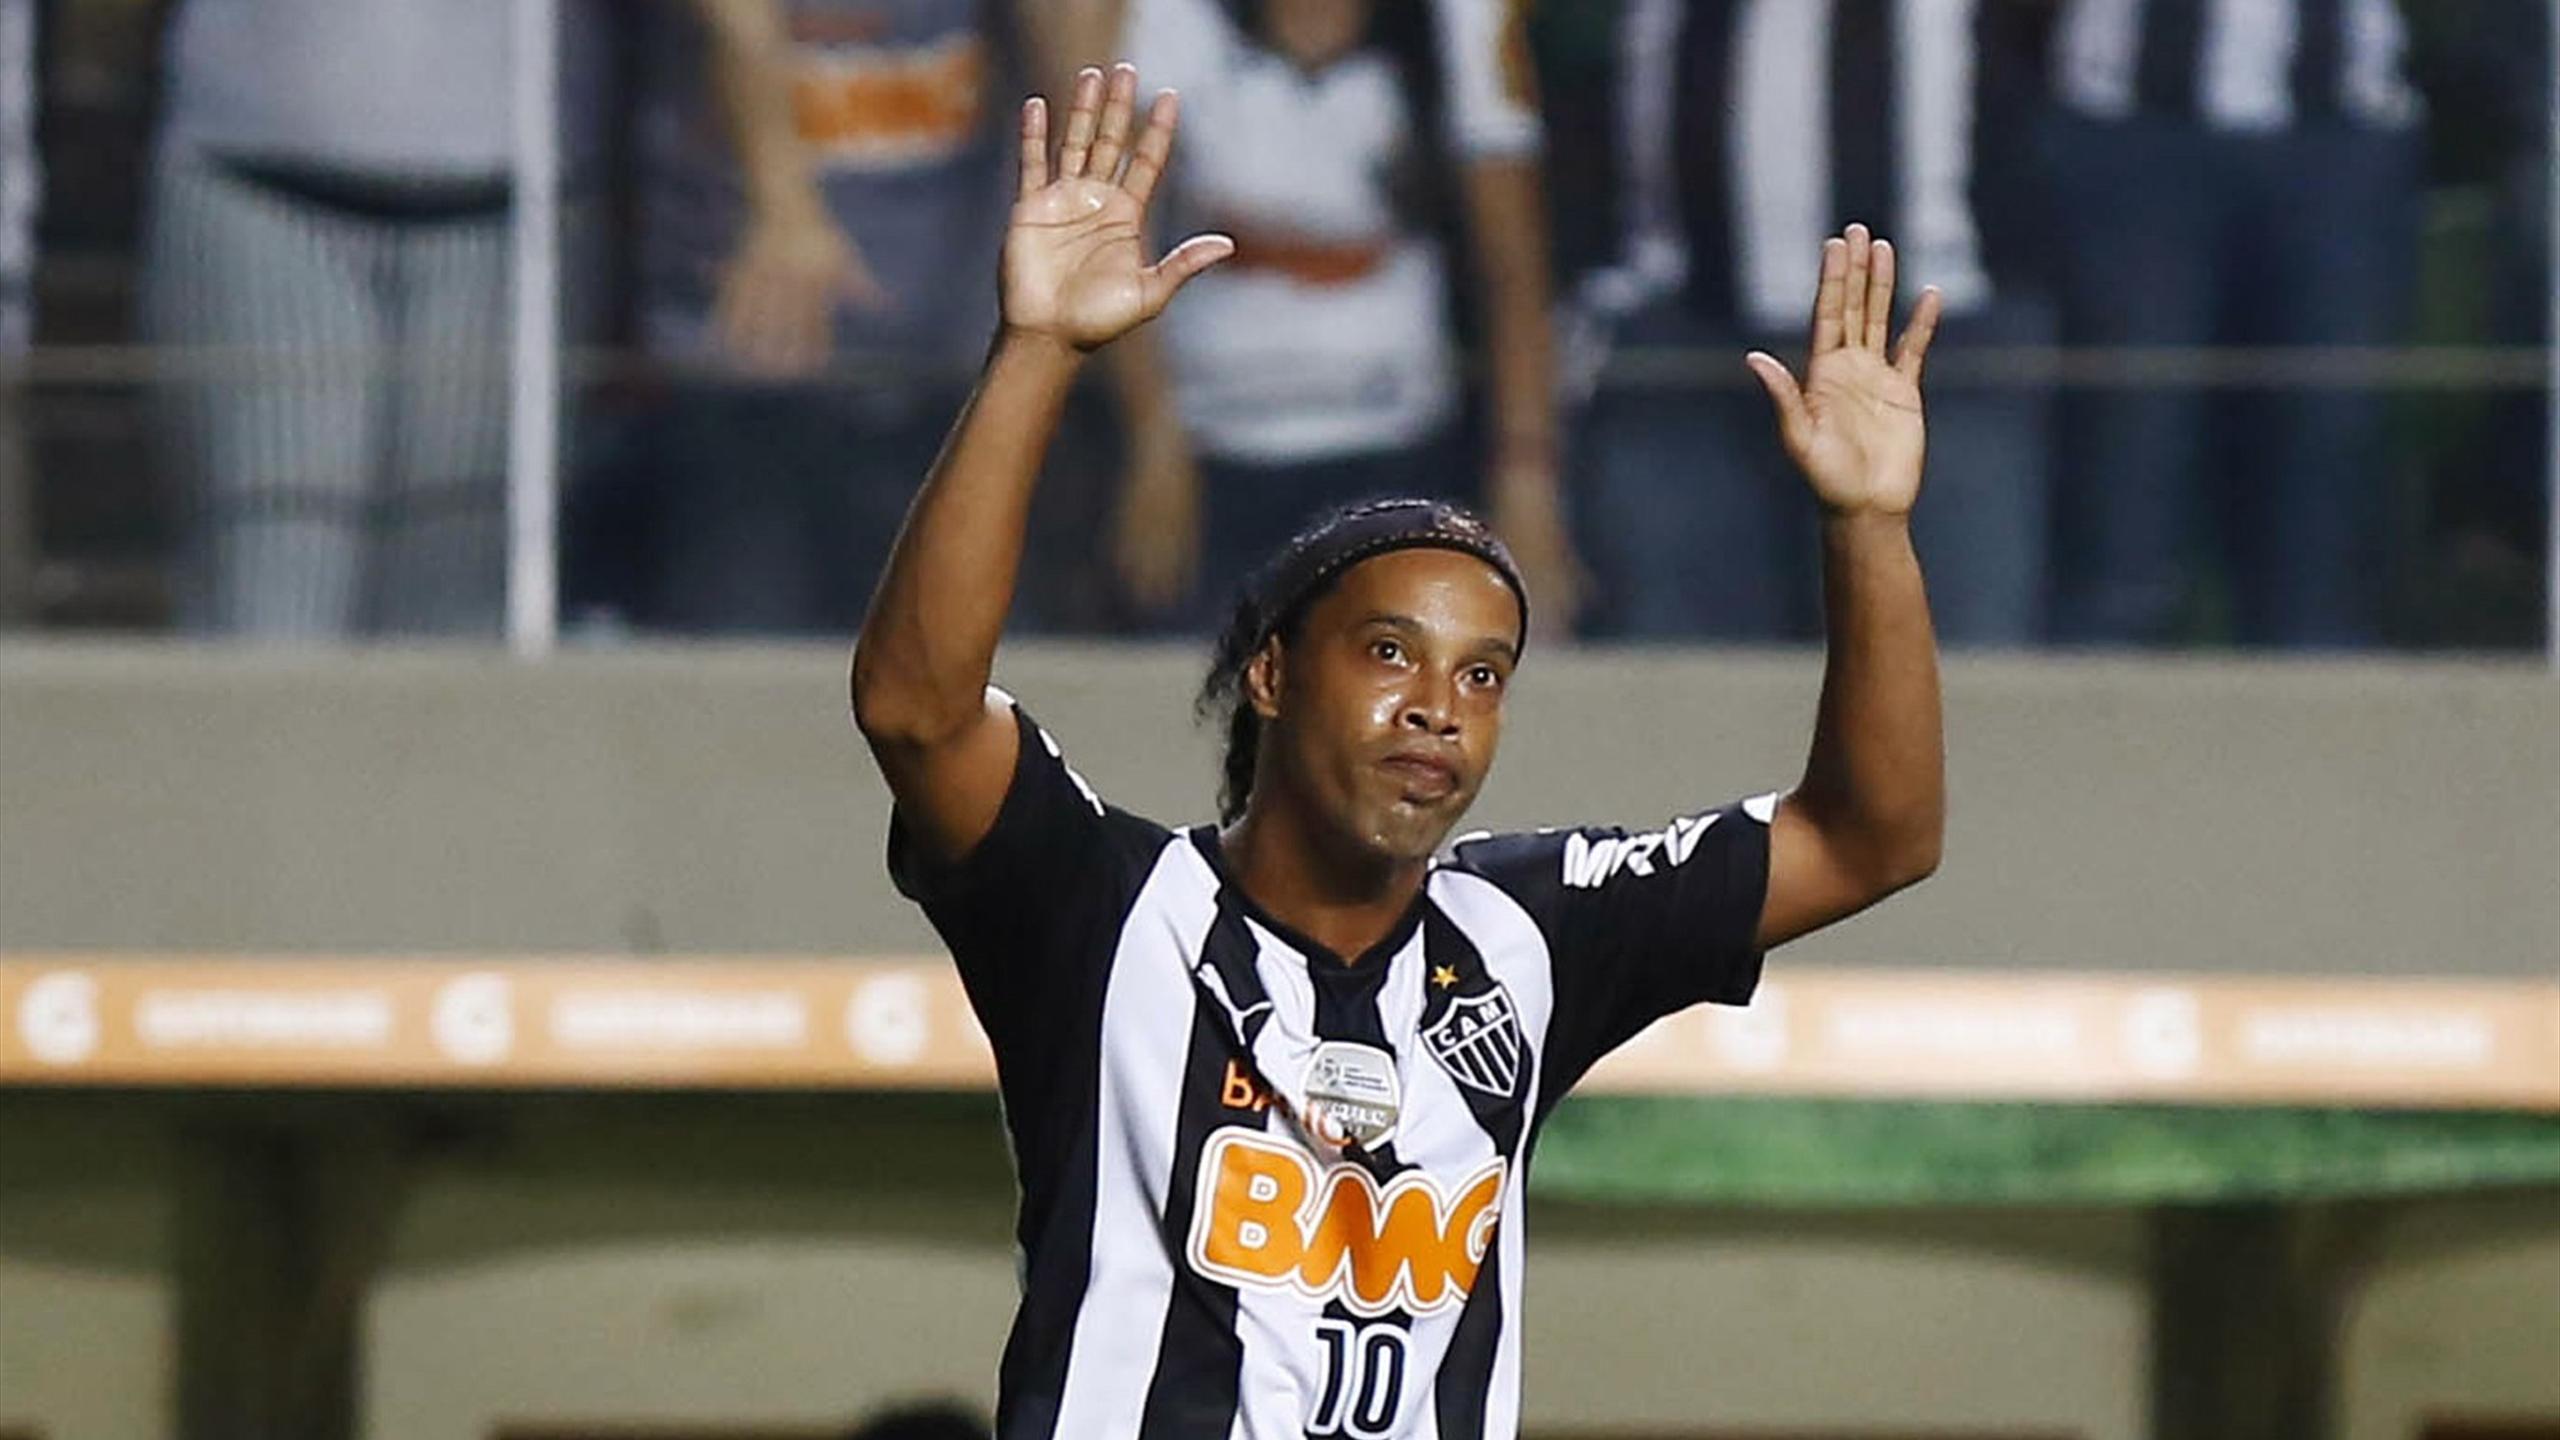 Ronaldinho U0026 39 S Atletico Mineiro Sack Manager South